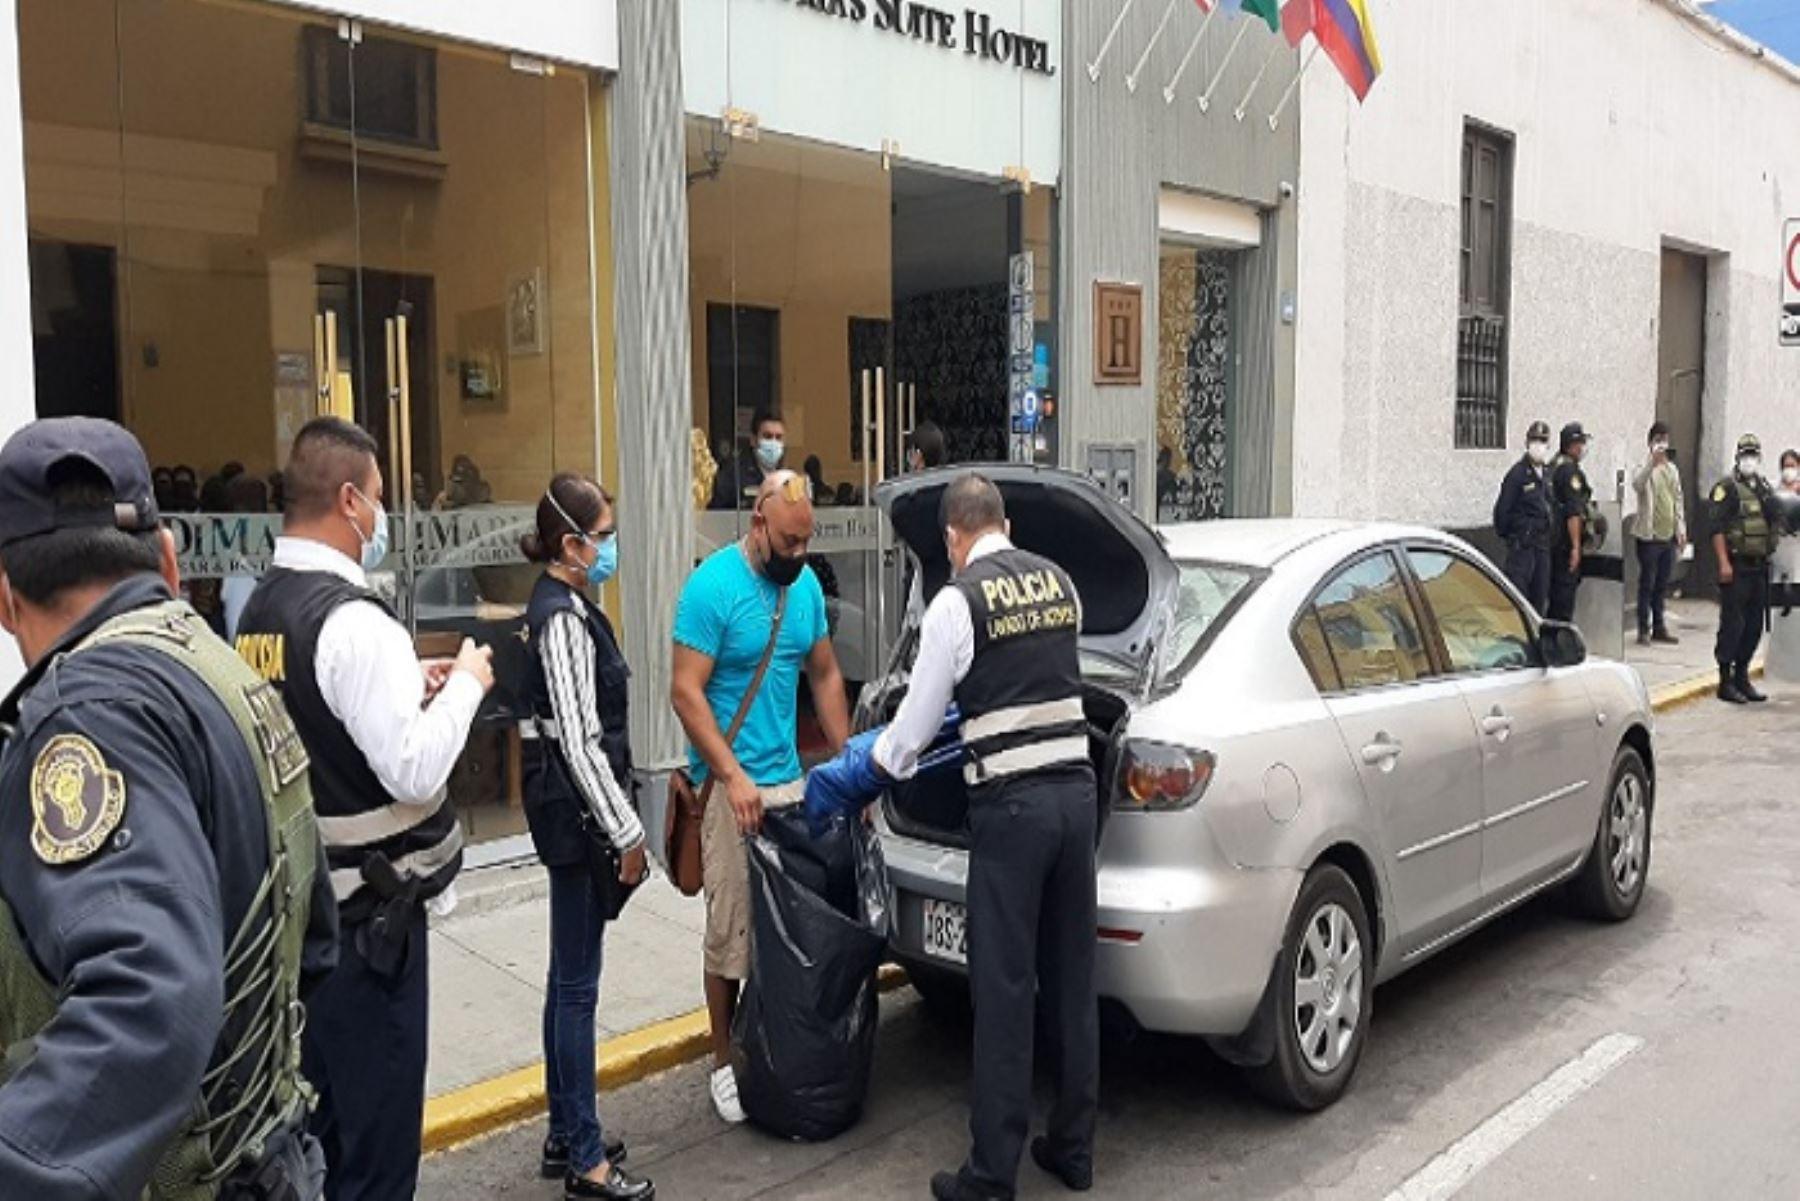 La mayoría de los inmuebles allanados son de propiedad del empresario trujillano, Gerson Rivelino González Porras, dueño de la empresa de seguridad Tanks Perú.